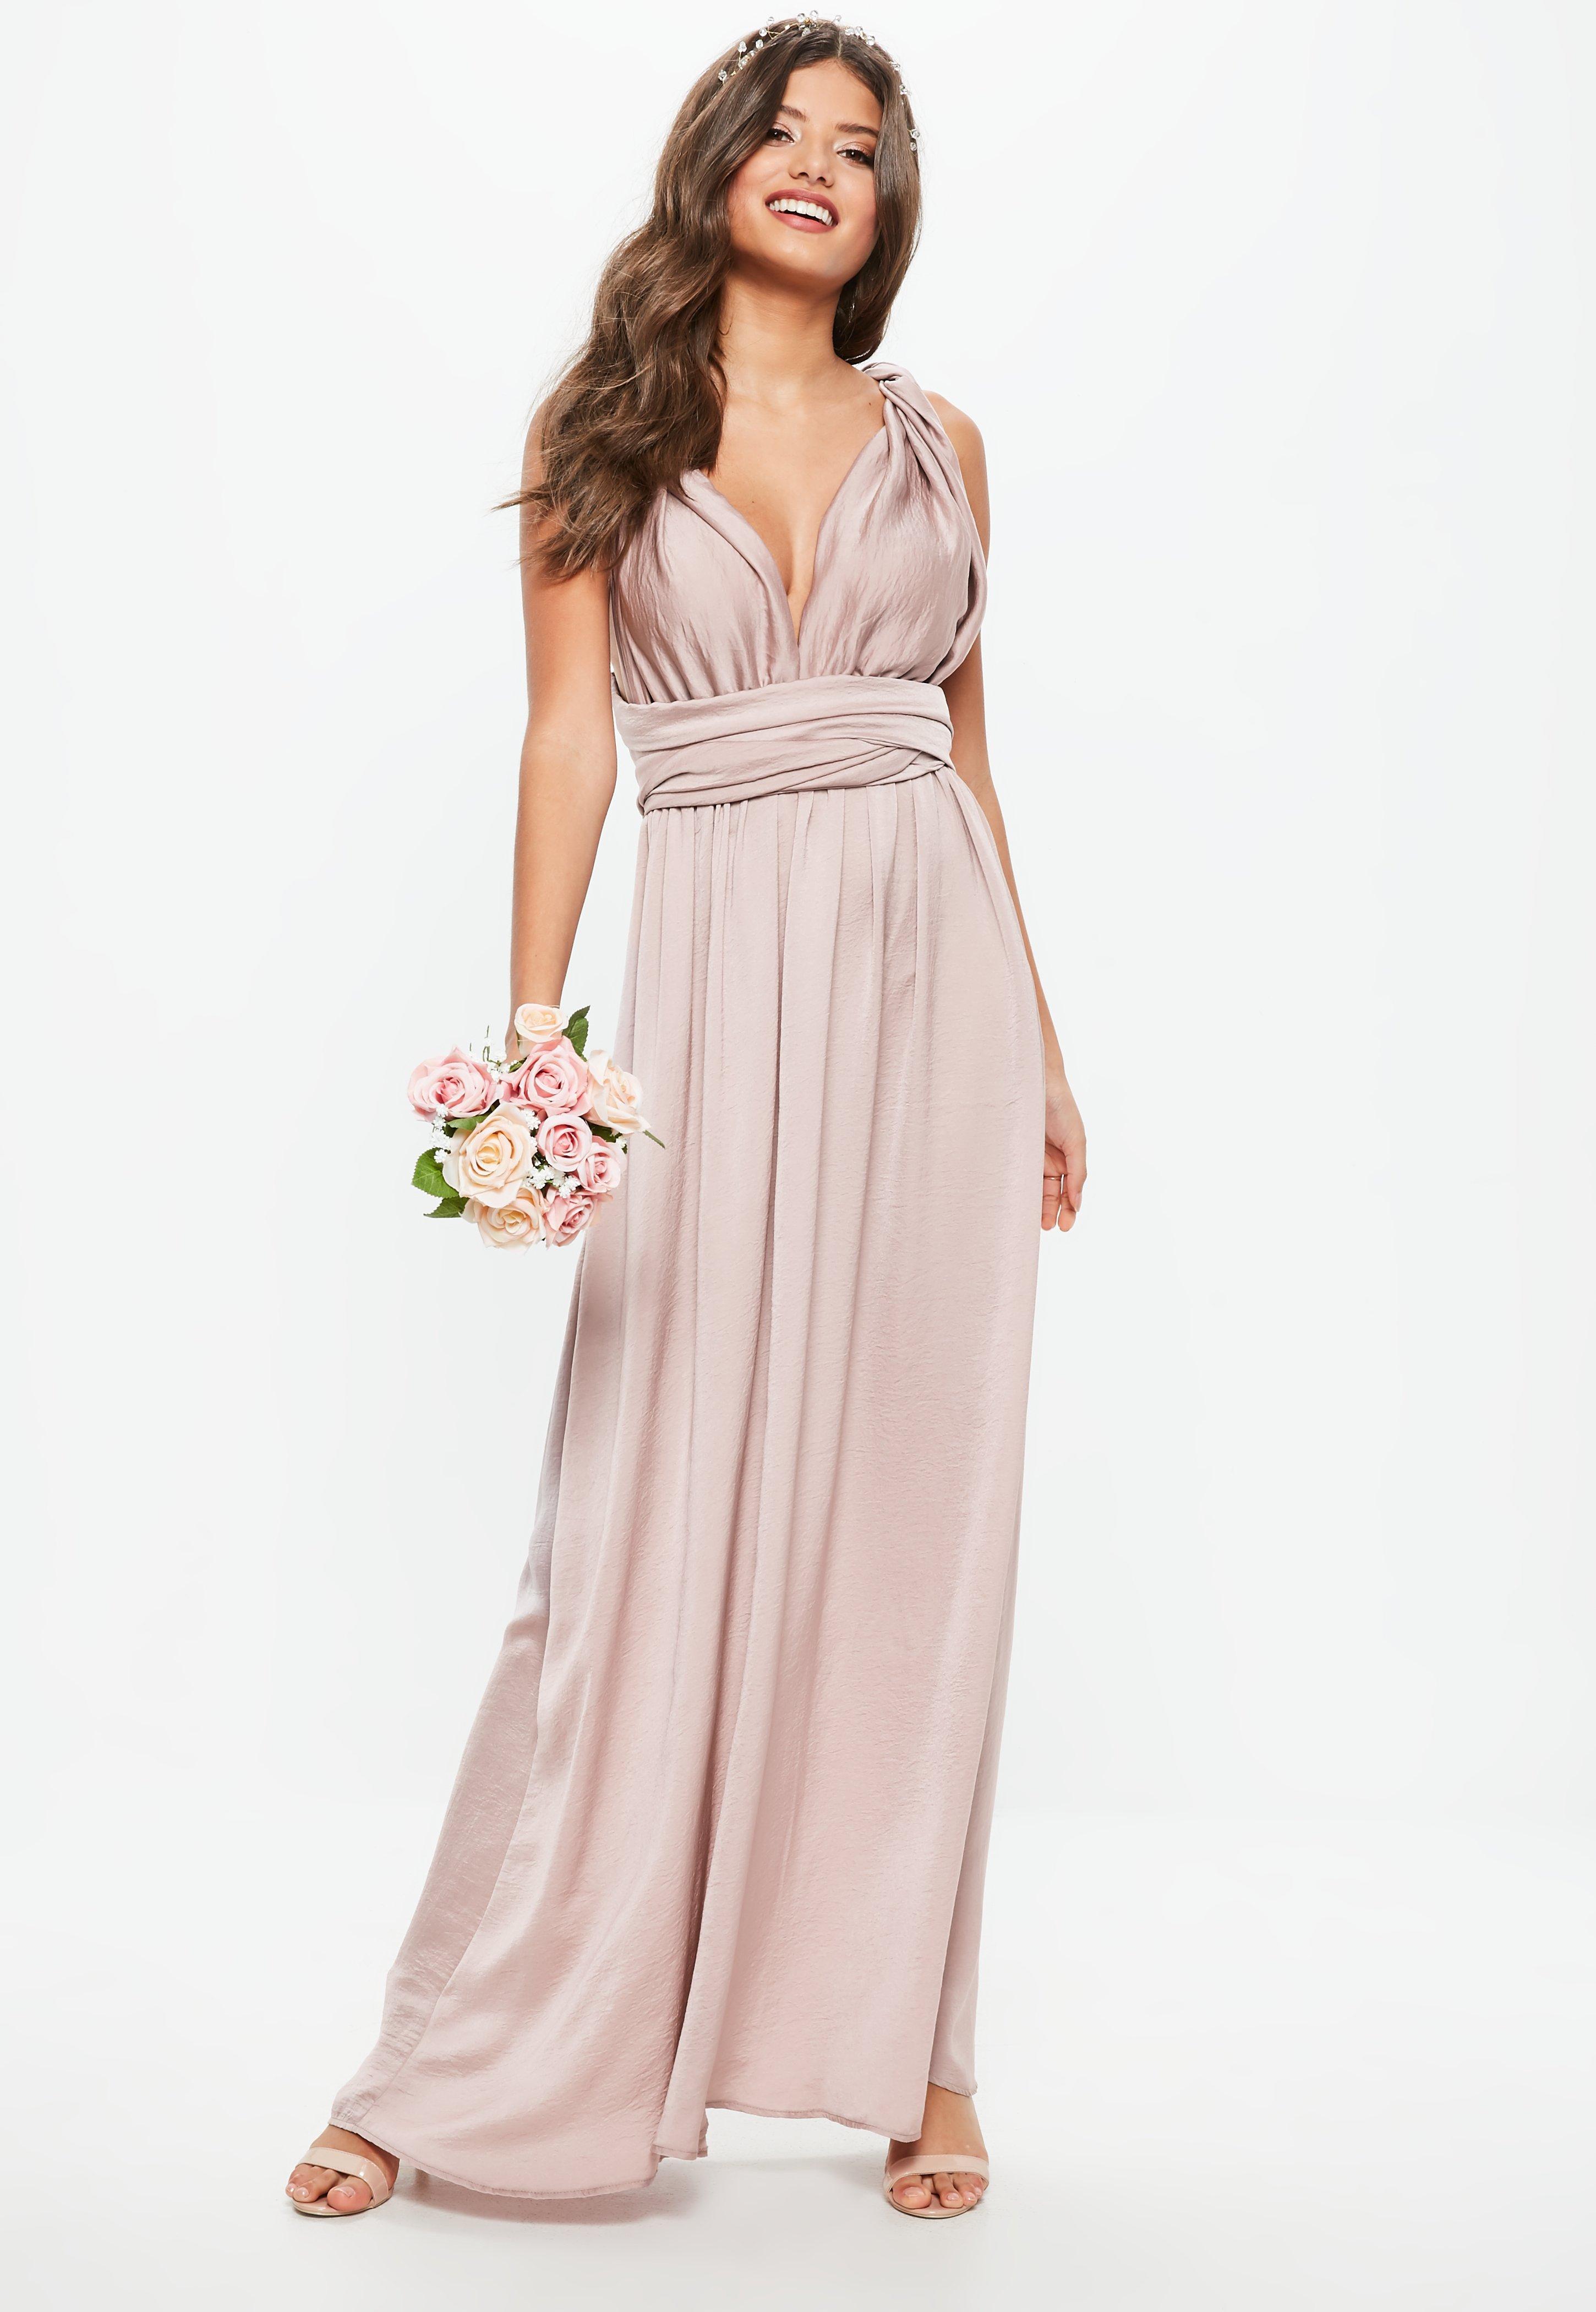 Bridesmaid Pink Satin Multiway Maxi Dress